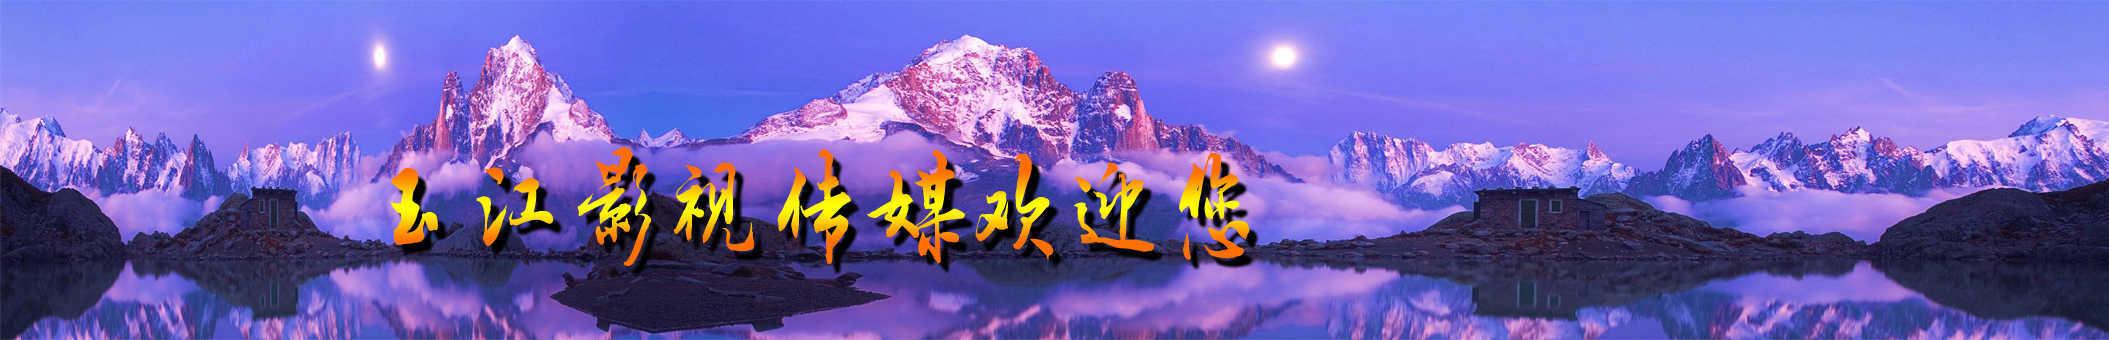 0817张玉江 banner